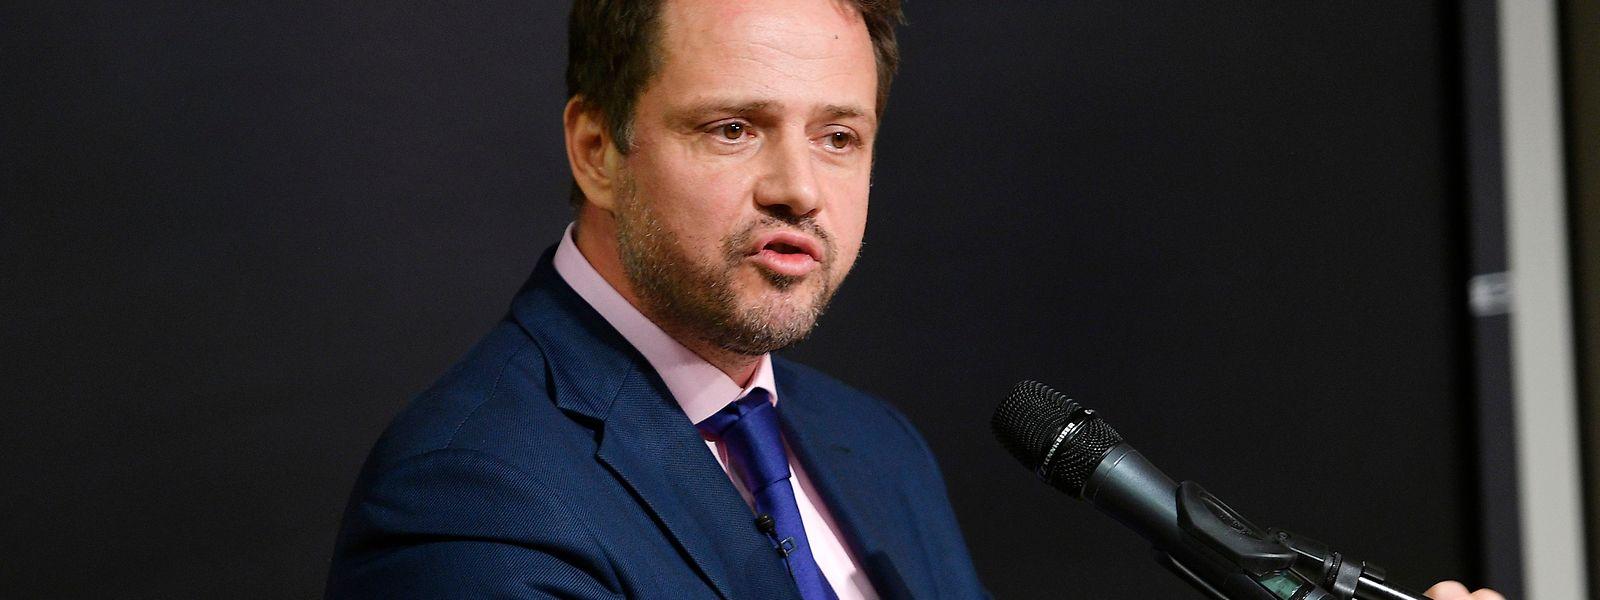 Trzaskowski hat sich bereits vor anderthalb Jahren in der Oberbürgermeisterwahl für Warschau gut geschlagen.